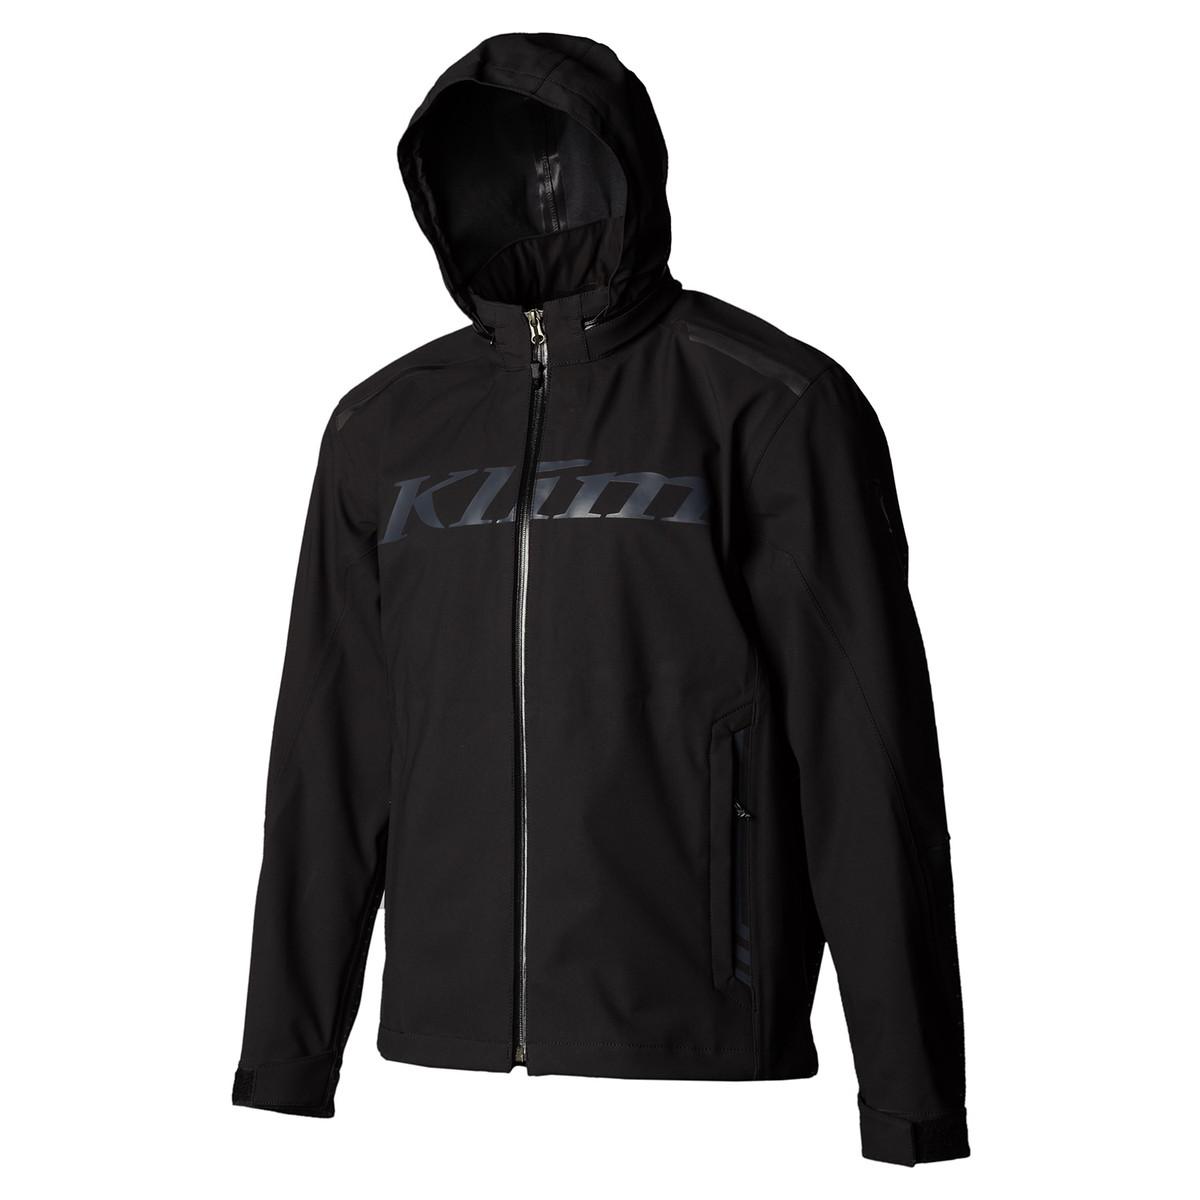 Enduro S4 Jacket Black Hood